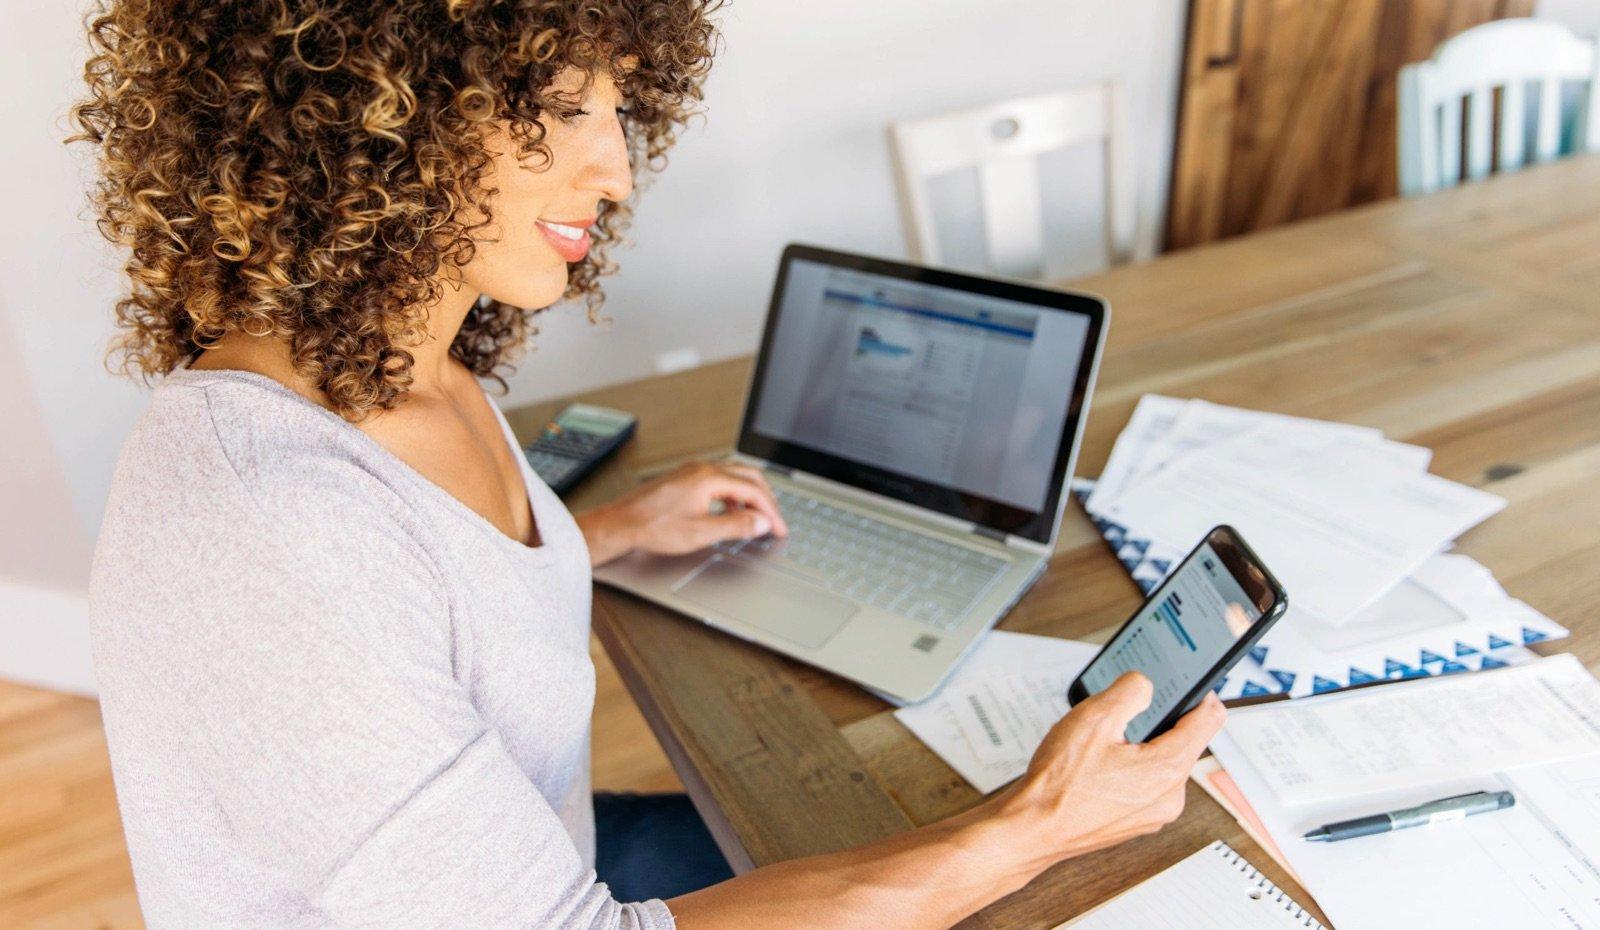 Comunicaciones unificadas y trabajo flexible